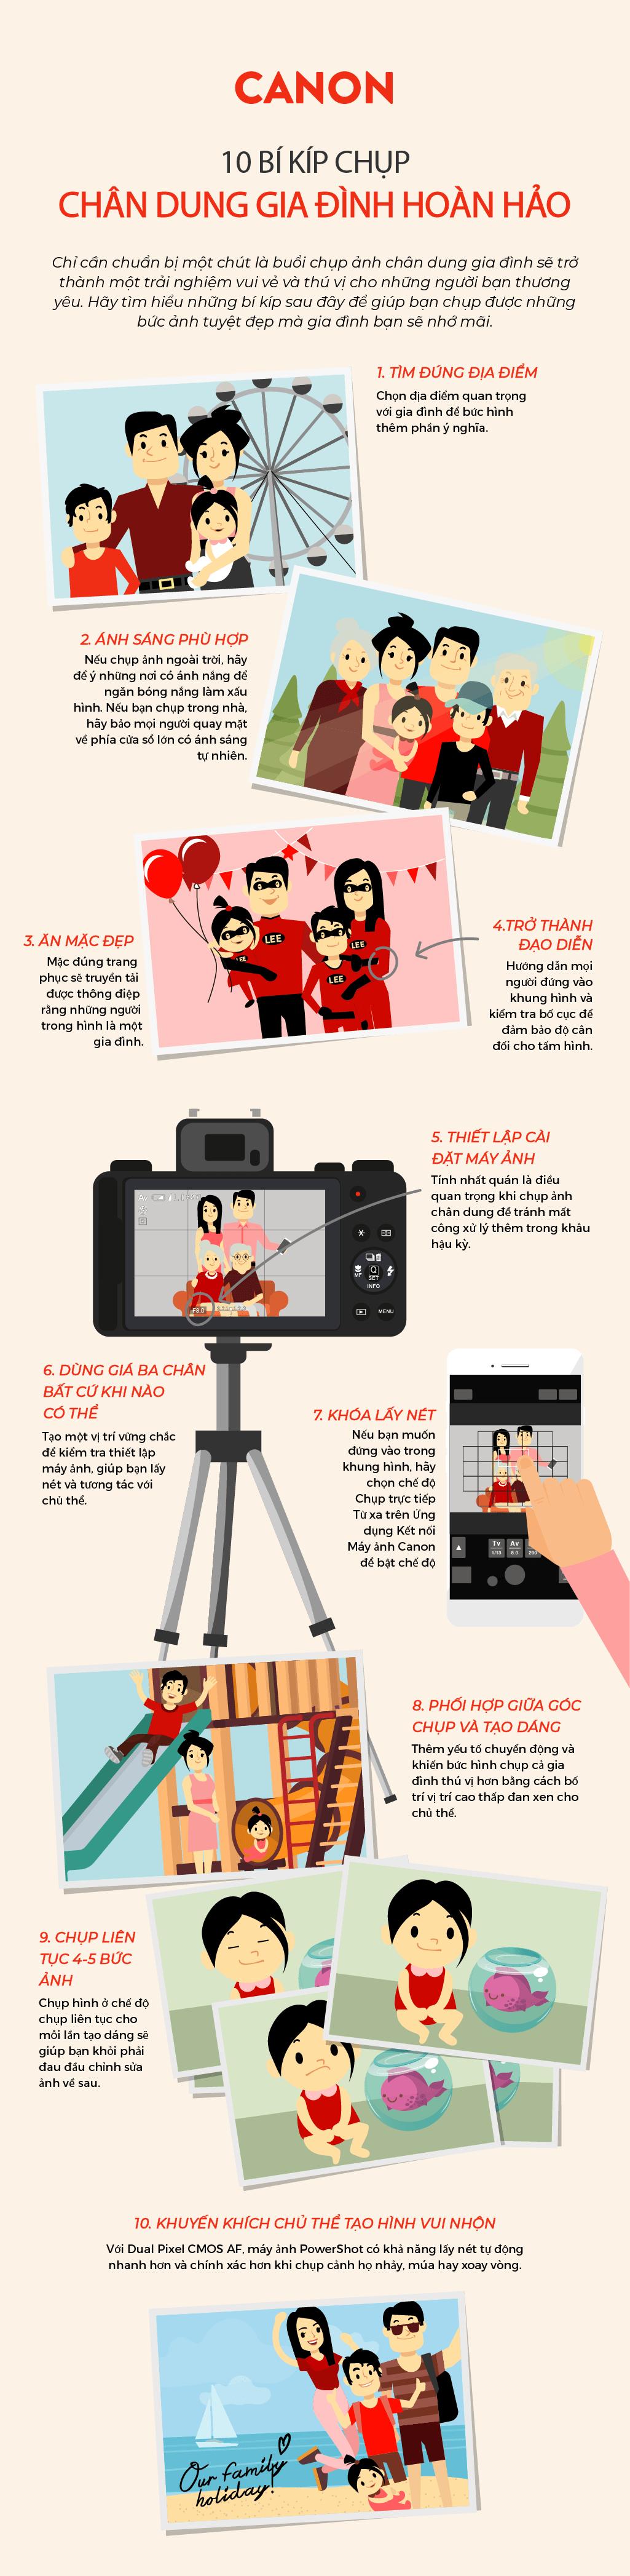 [Infographic] 10 mẹo để chụp những bức hình chân dung gia đình hoàn hảo